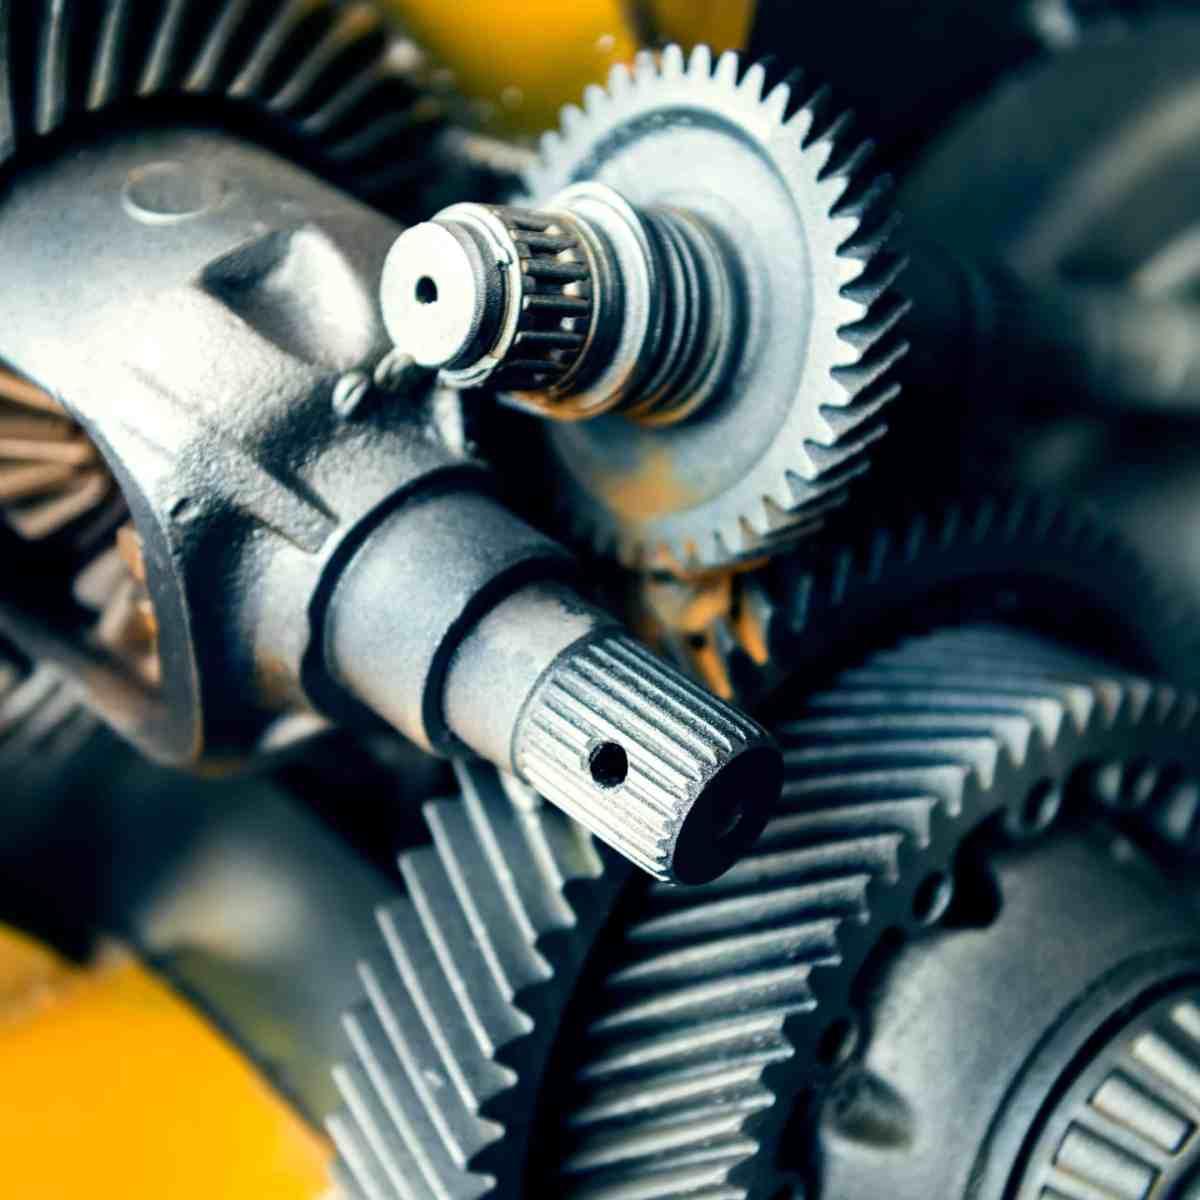 mechanical-PKEGG6J